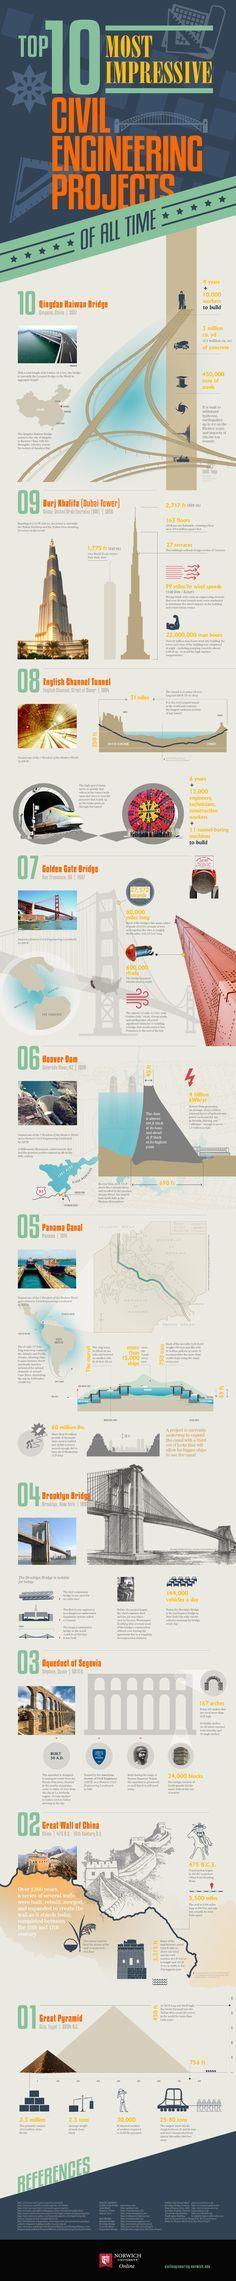 Best 25+ Civil engineering ideas on Pinterest World famous - civil engineer